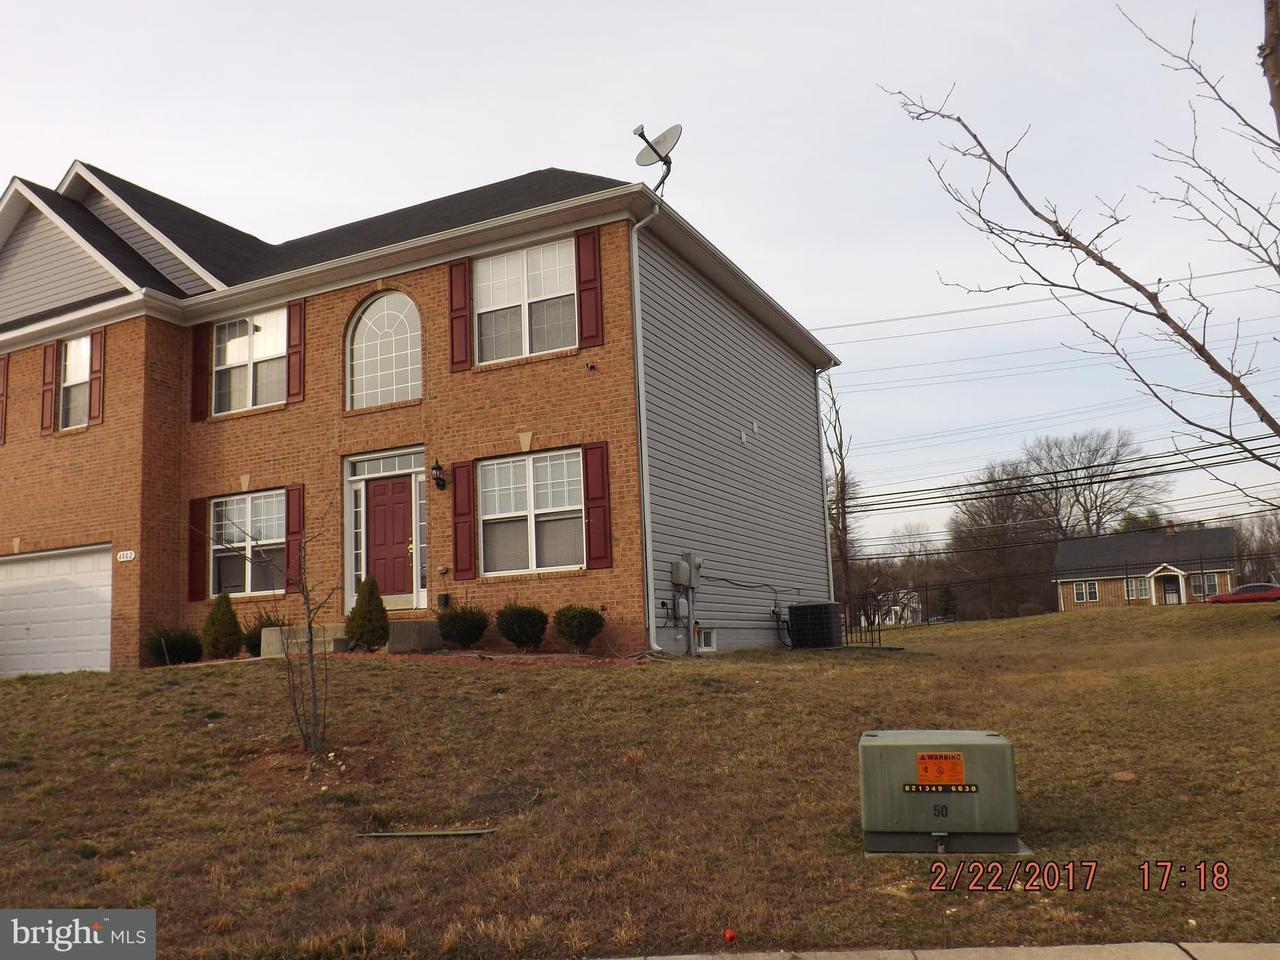 Maison unifamiliale pour l Vente à 4802 FAITH CROSSING Court 4802 FAITH CROSSING Court Temple Hills, Maryland 20748 États-Unis